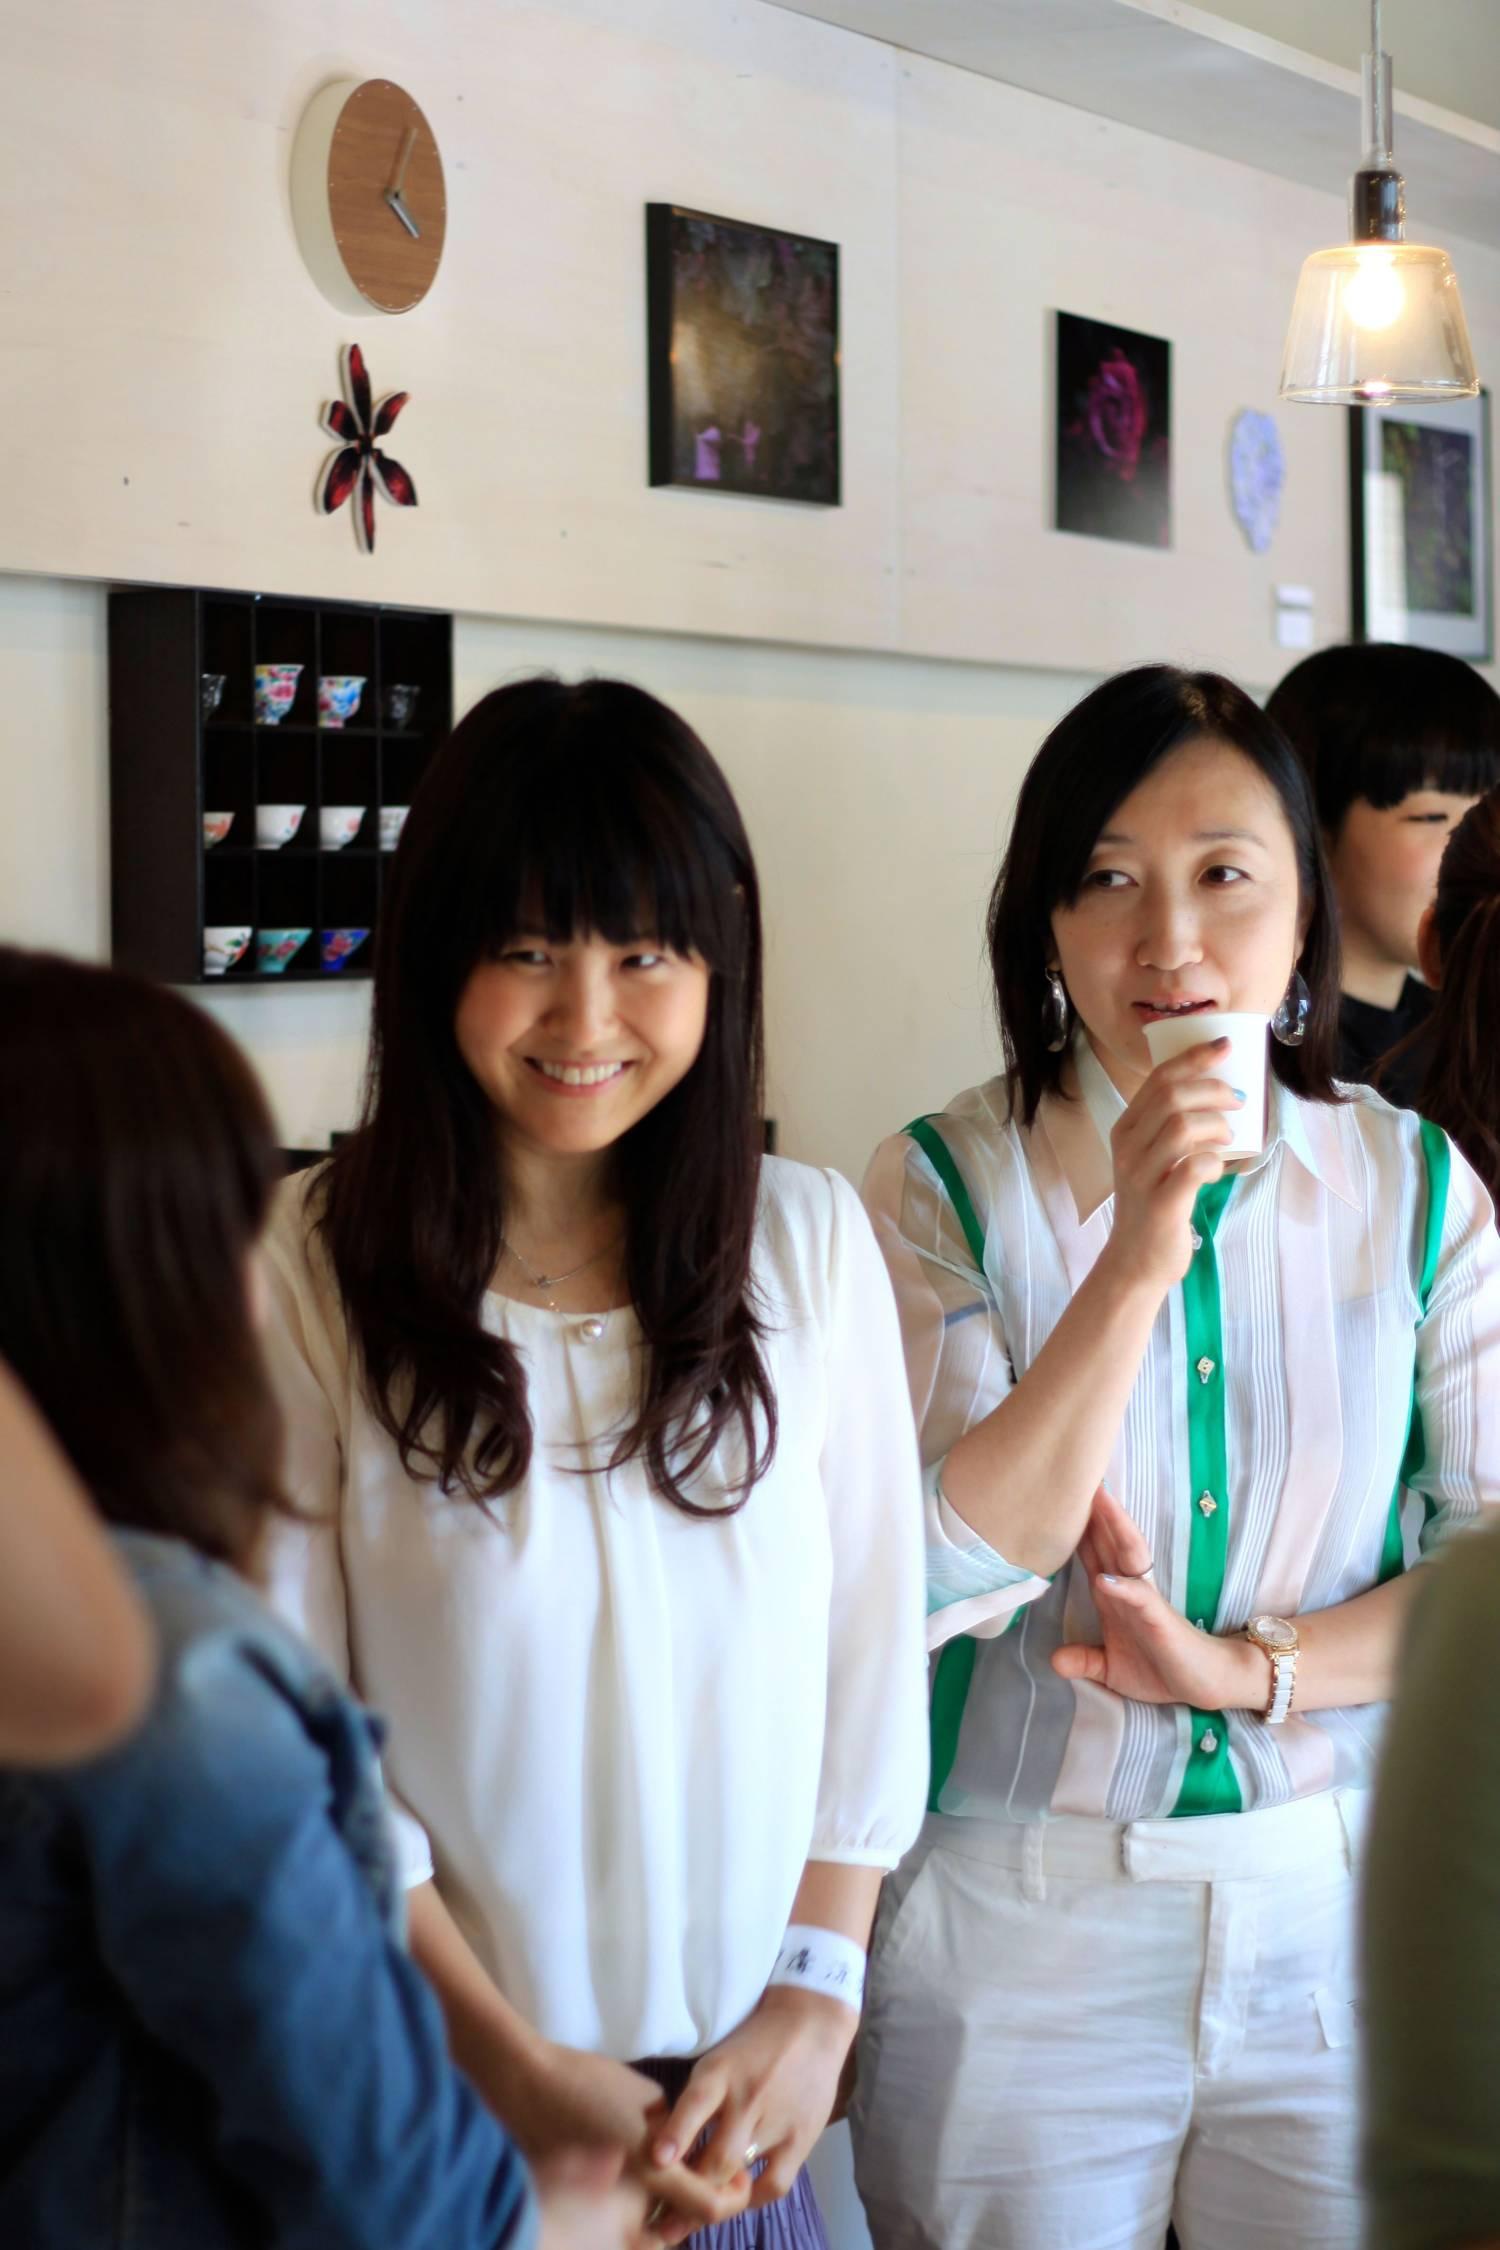 中溝涼子さんと高明里江さん。